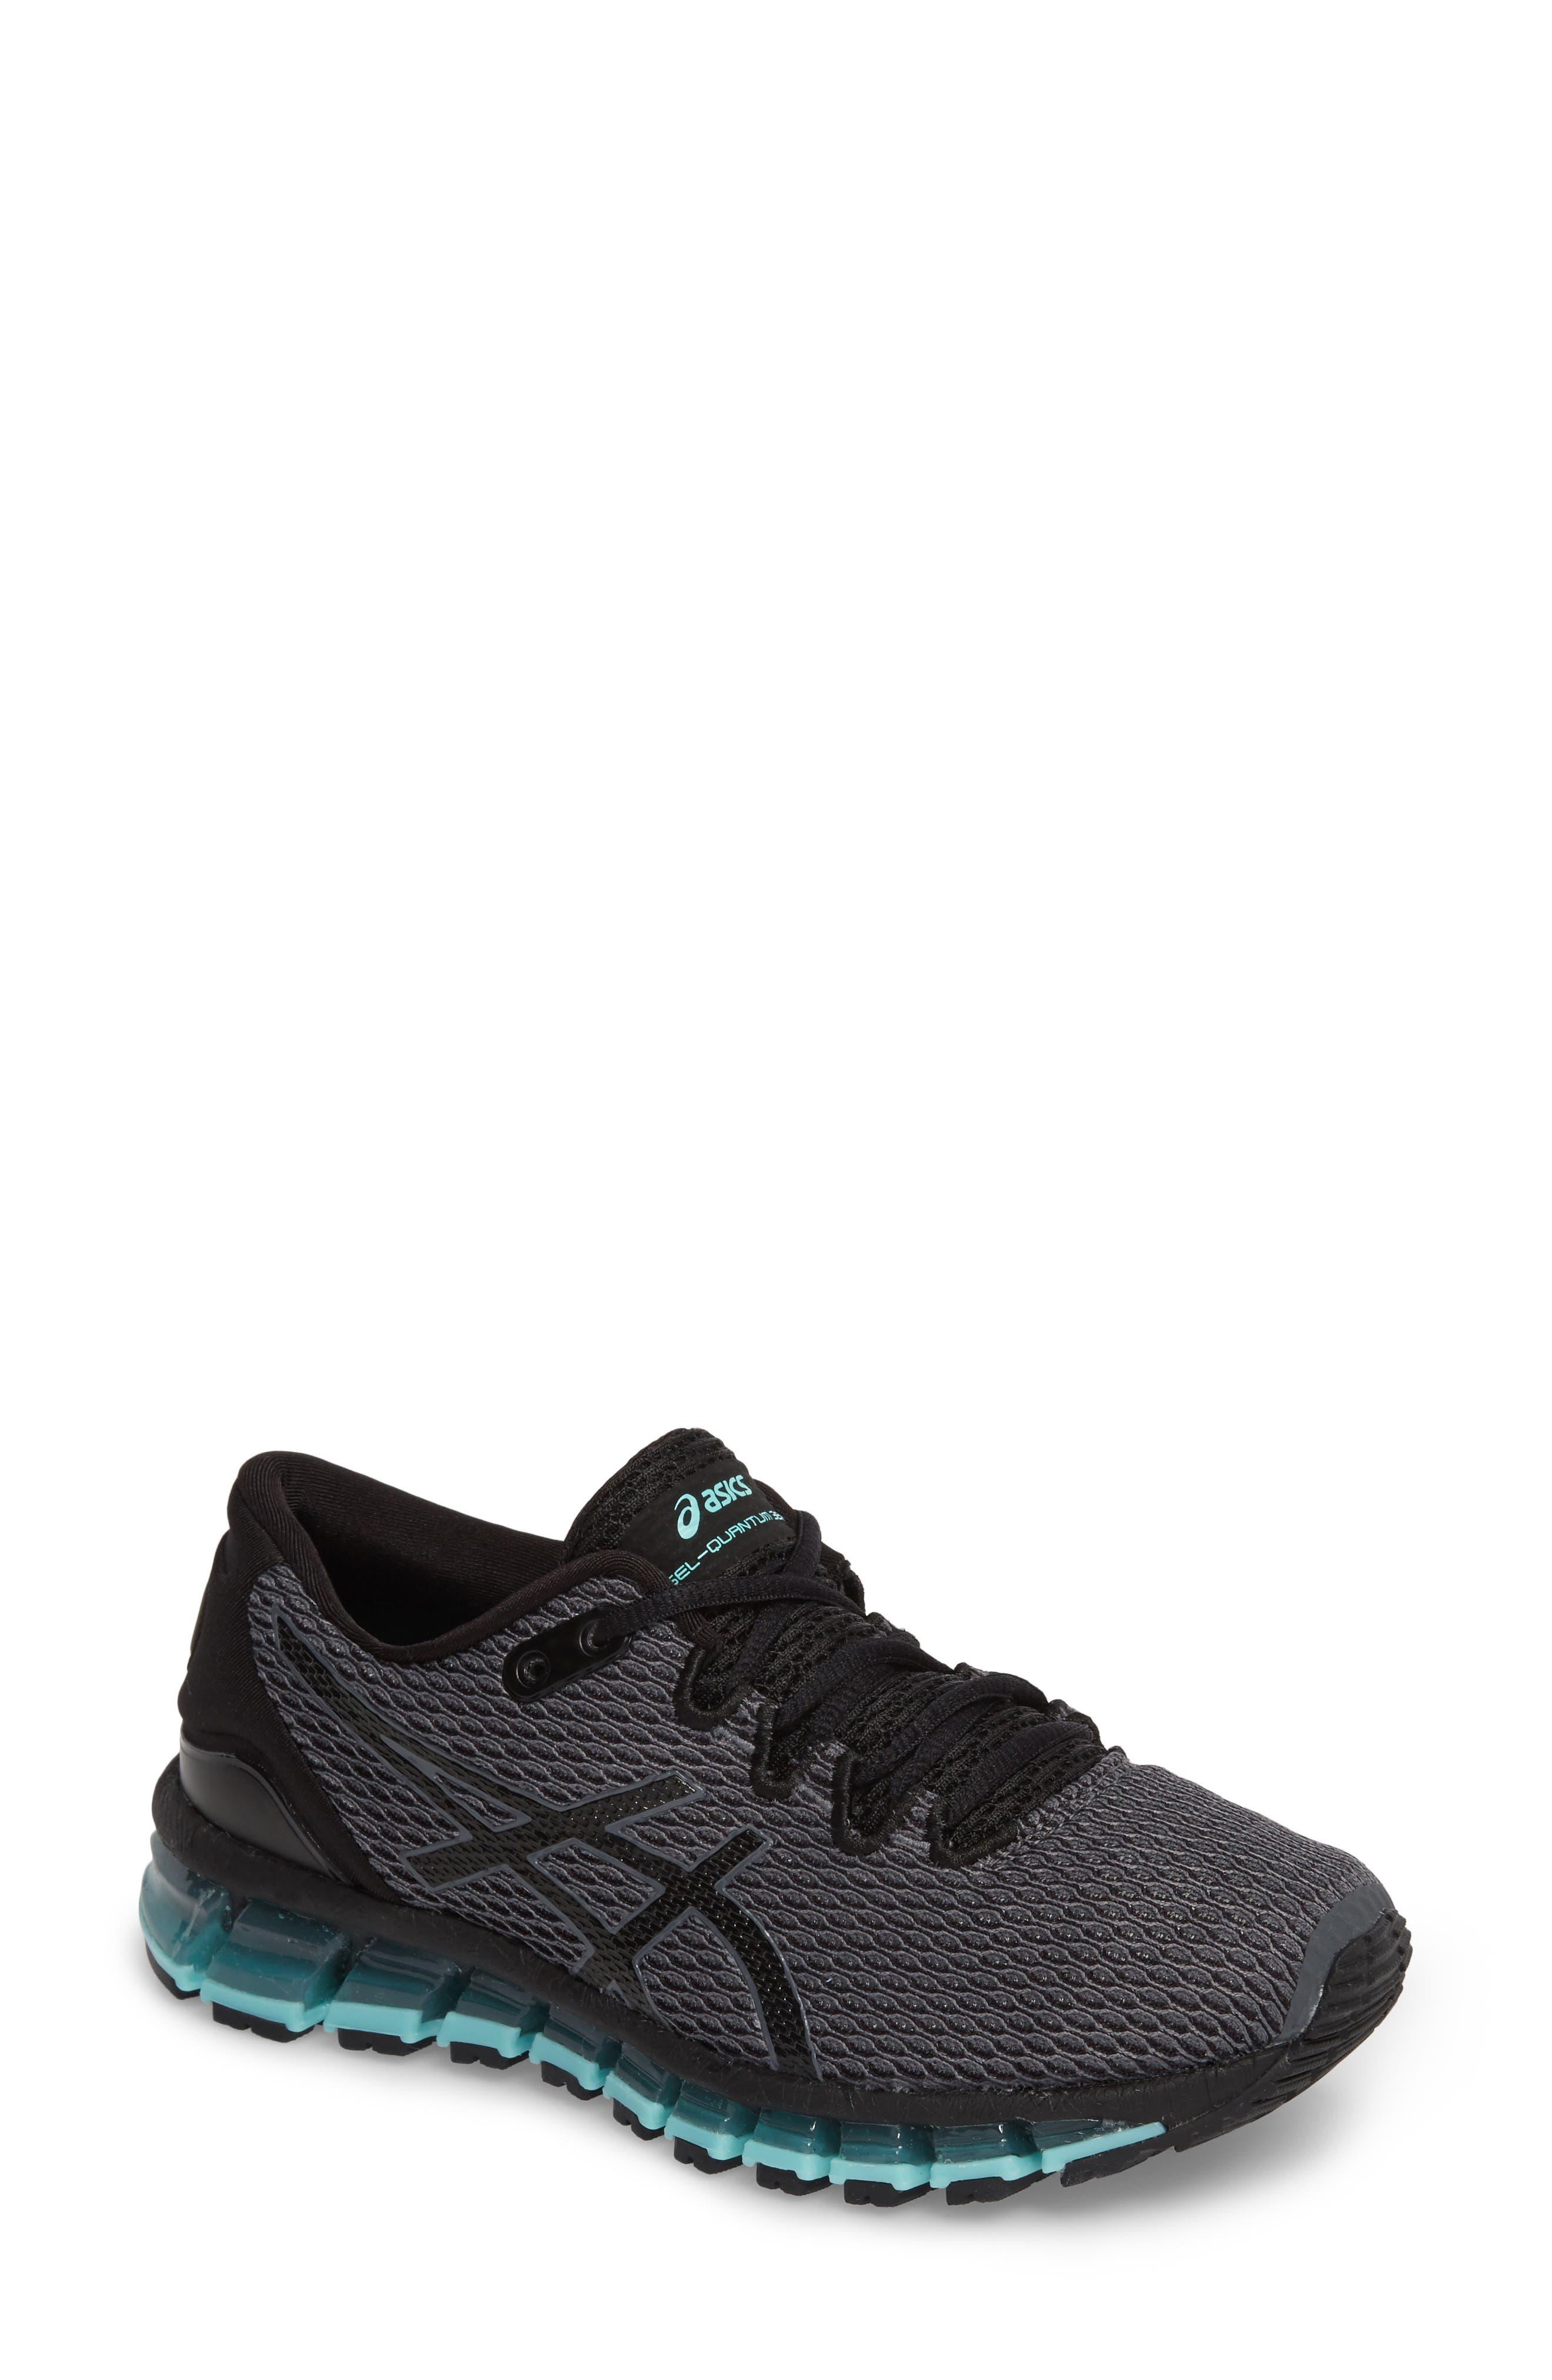 Asics Gel-Quantum 360 Shift Mx Running Shoe